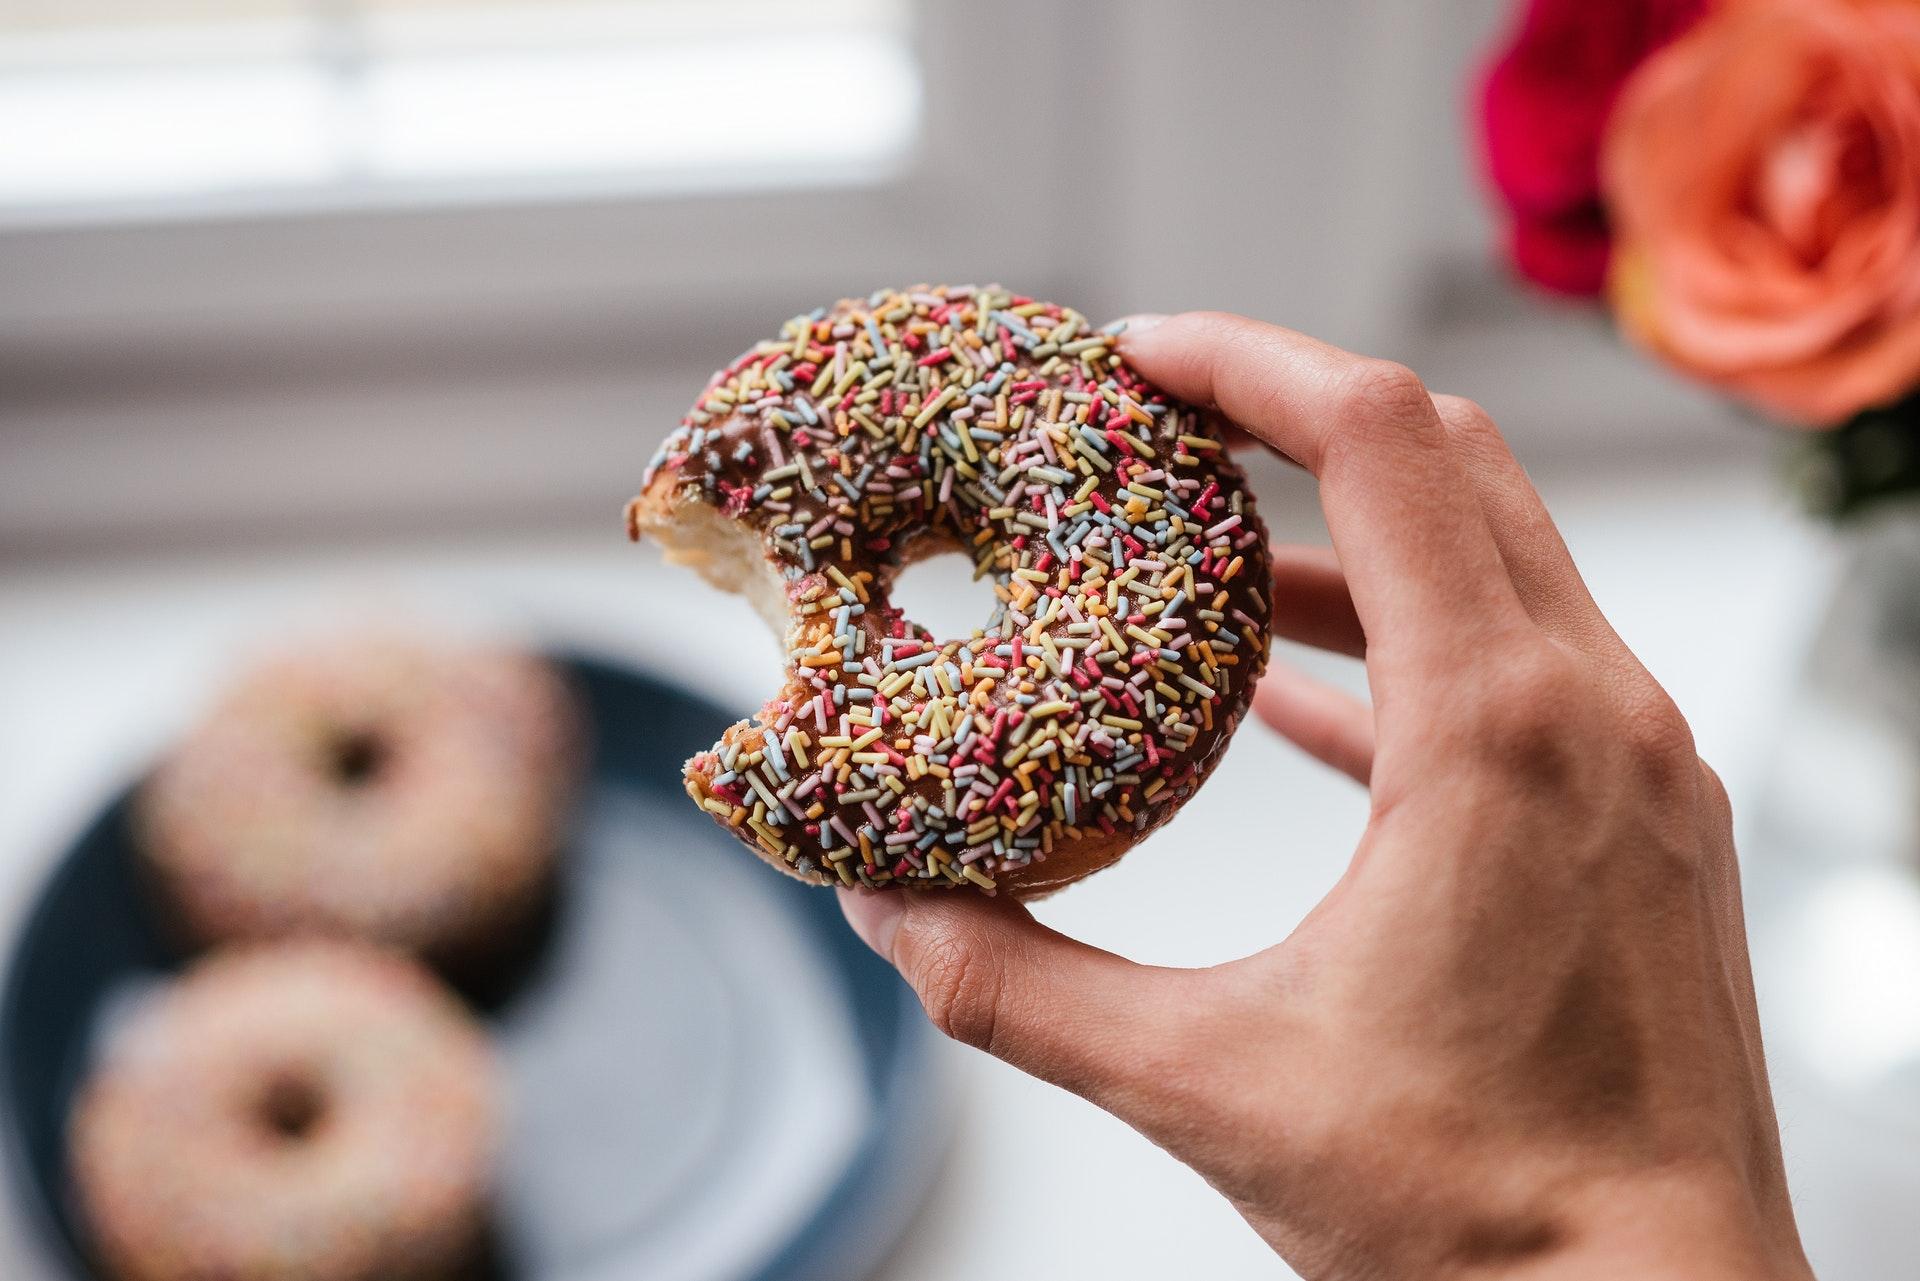 Як розпізнати алергію на цукор: 4 ознаки, які вкажуть на проблему